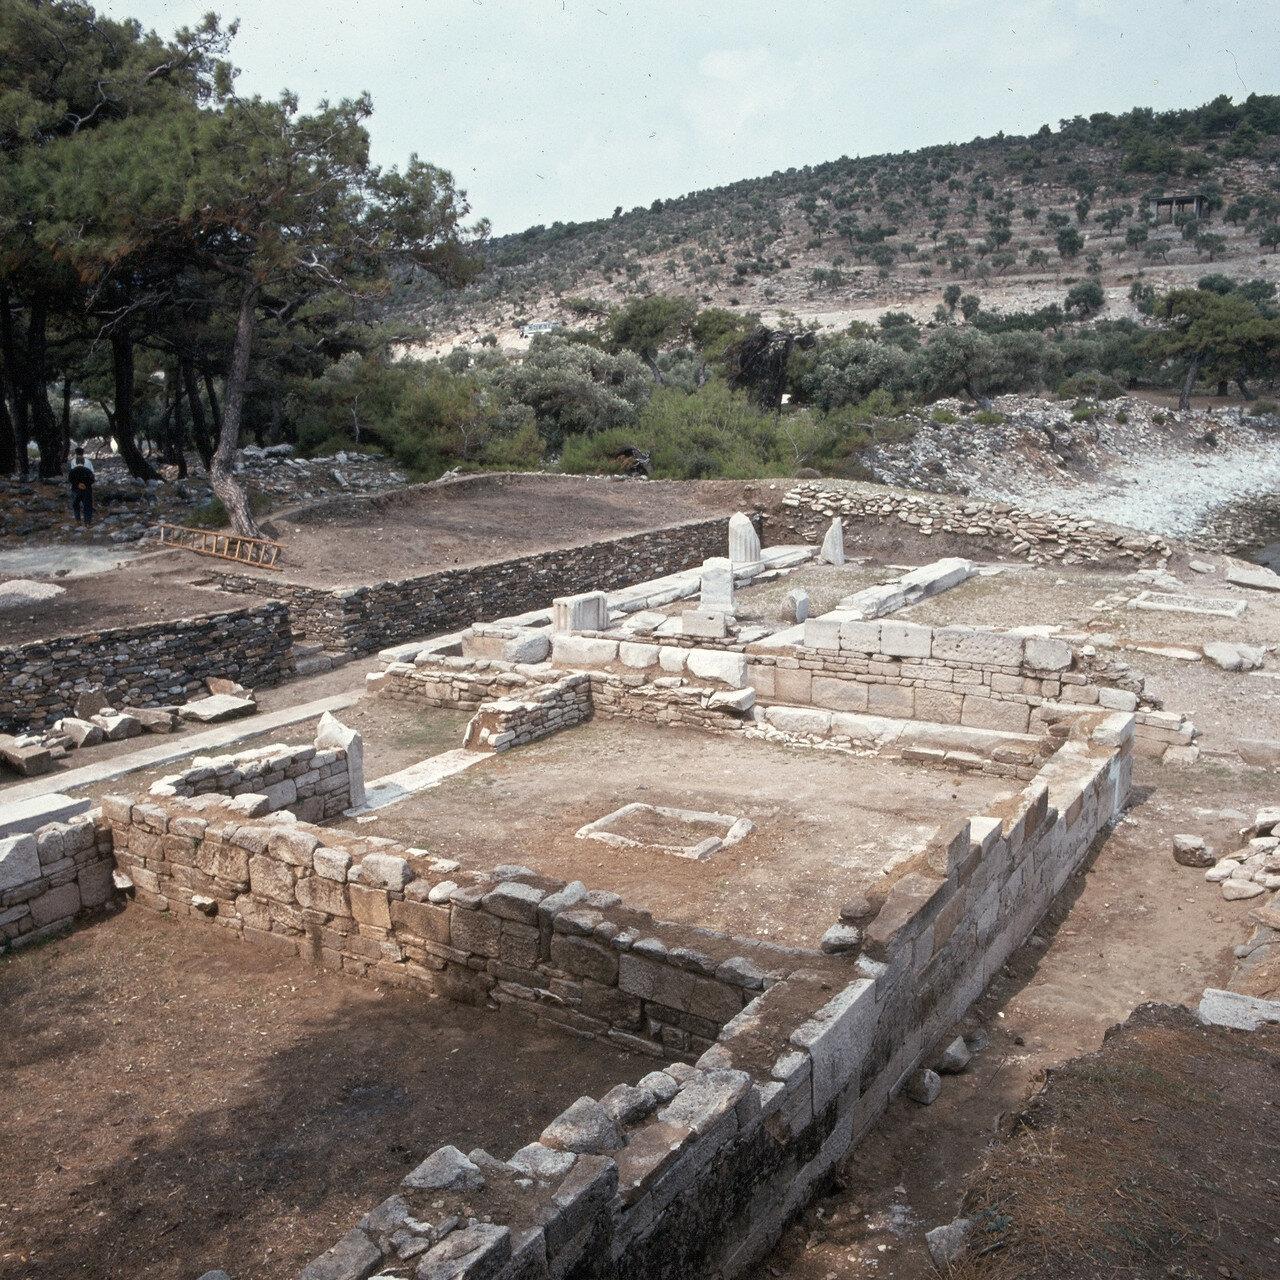 Тасос, Алики. Античное святилище на мраморном карьере